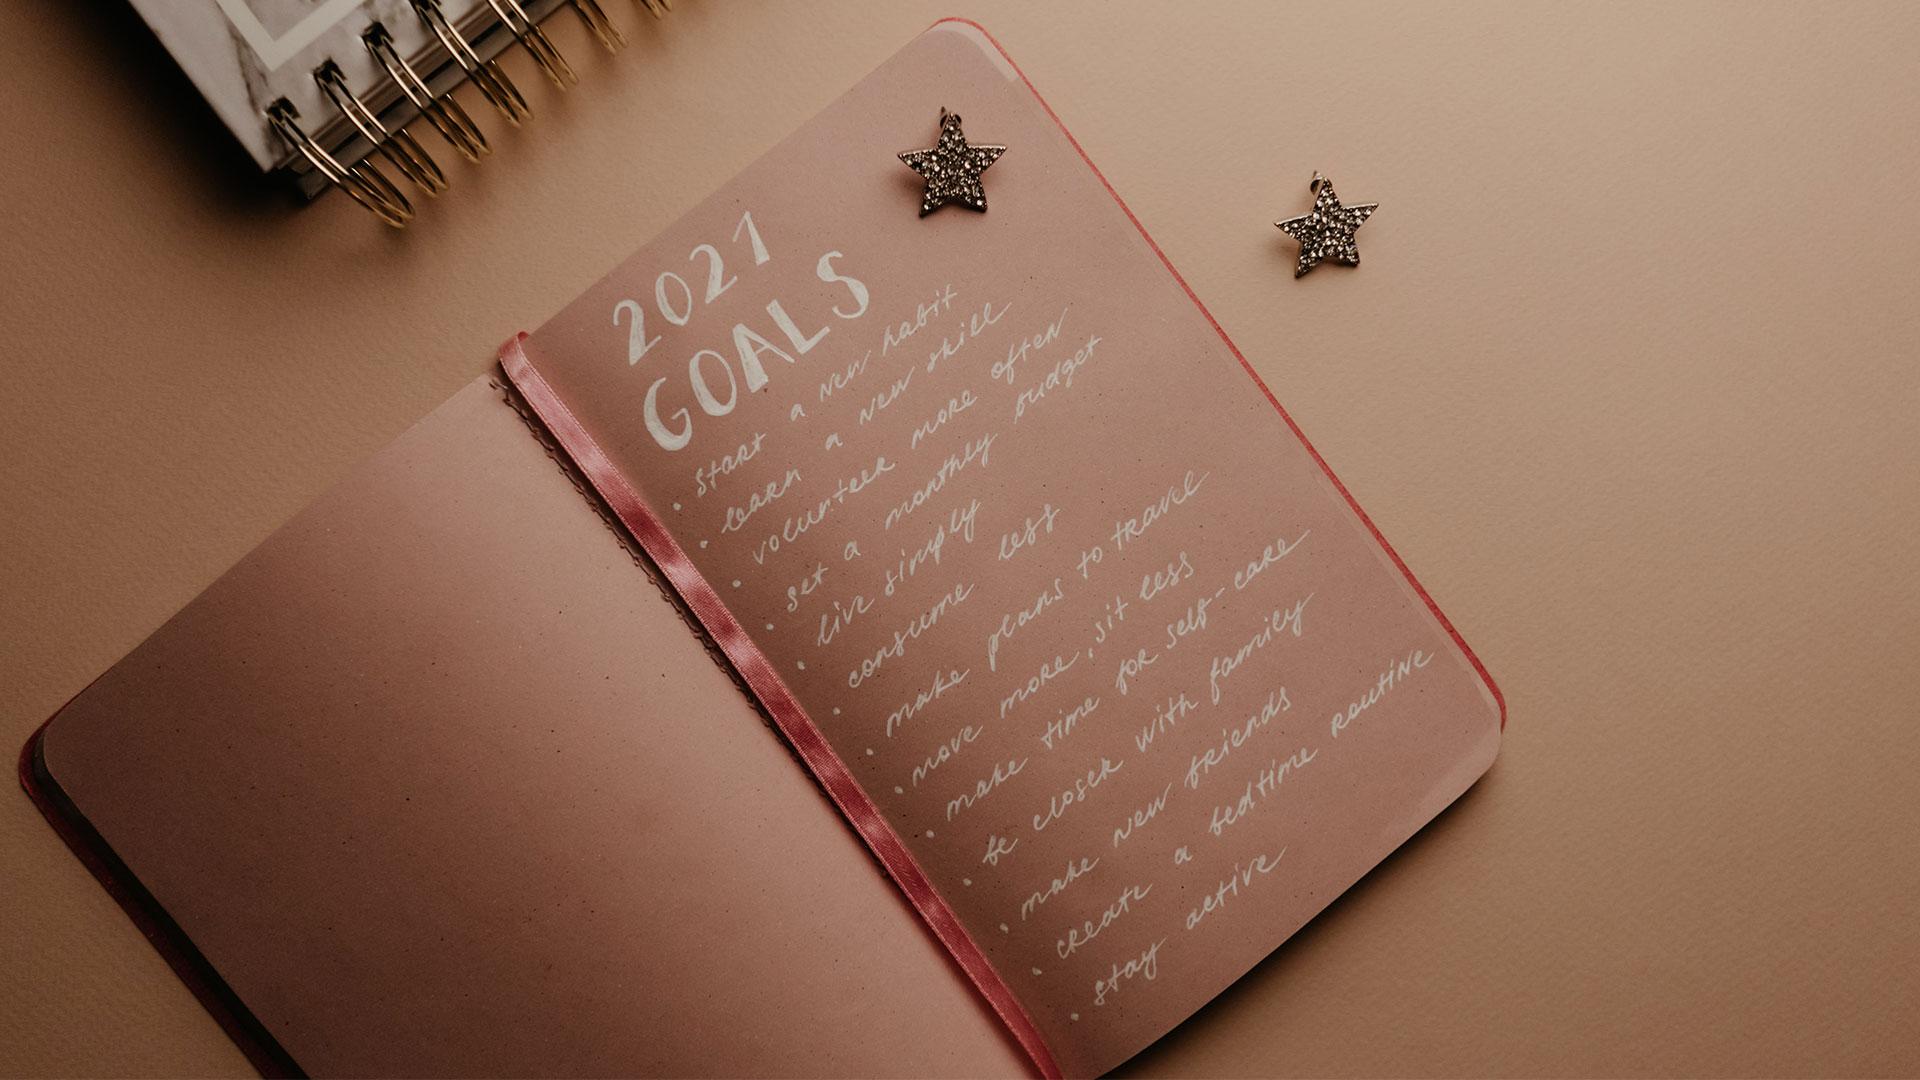 Personal Goals 2021